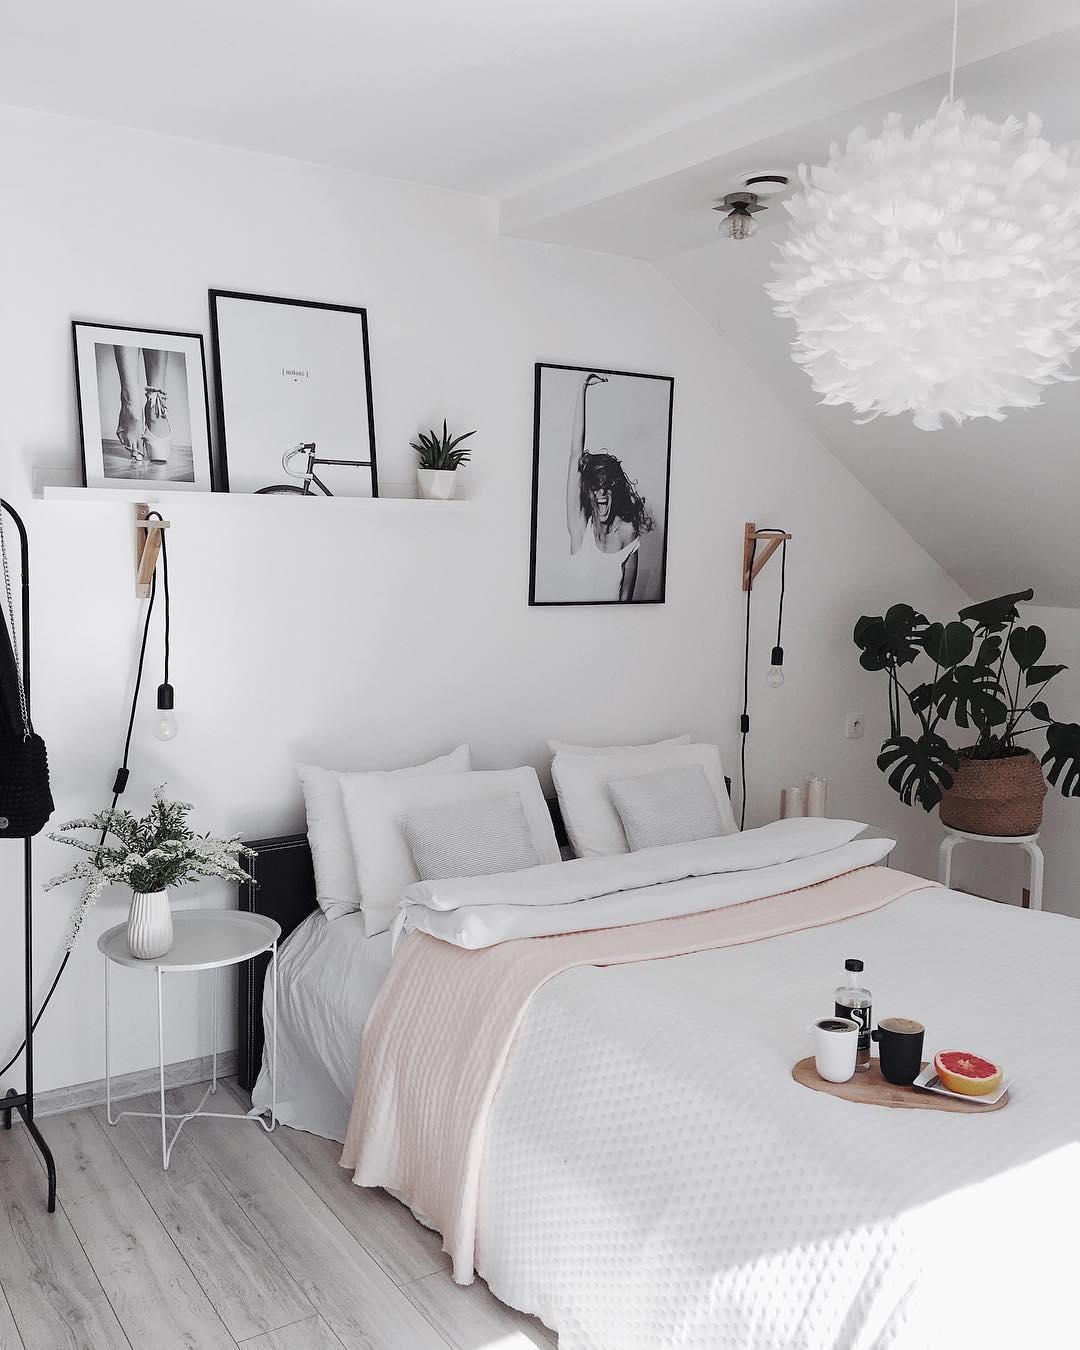 White Dreams In Diesem Traumhaften Schlafzimmer Sind Wunderschone